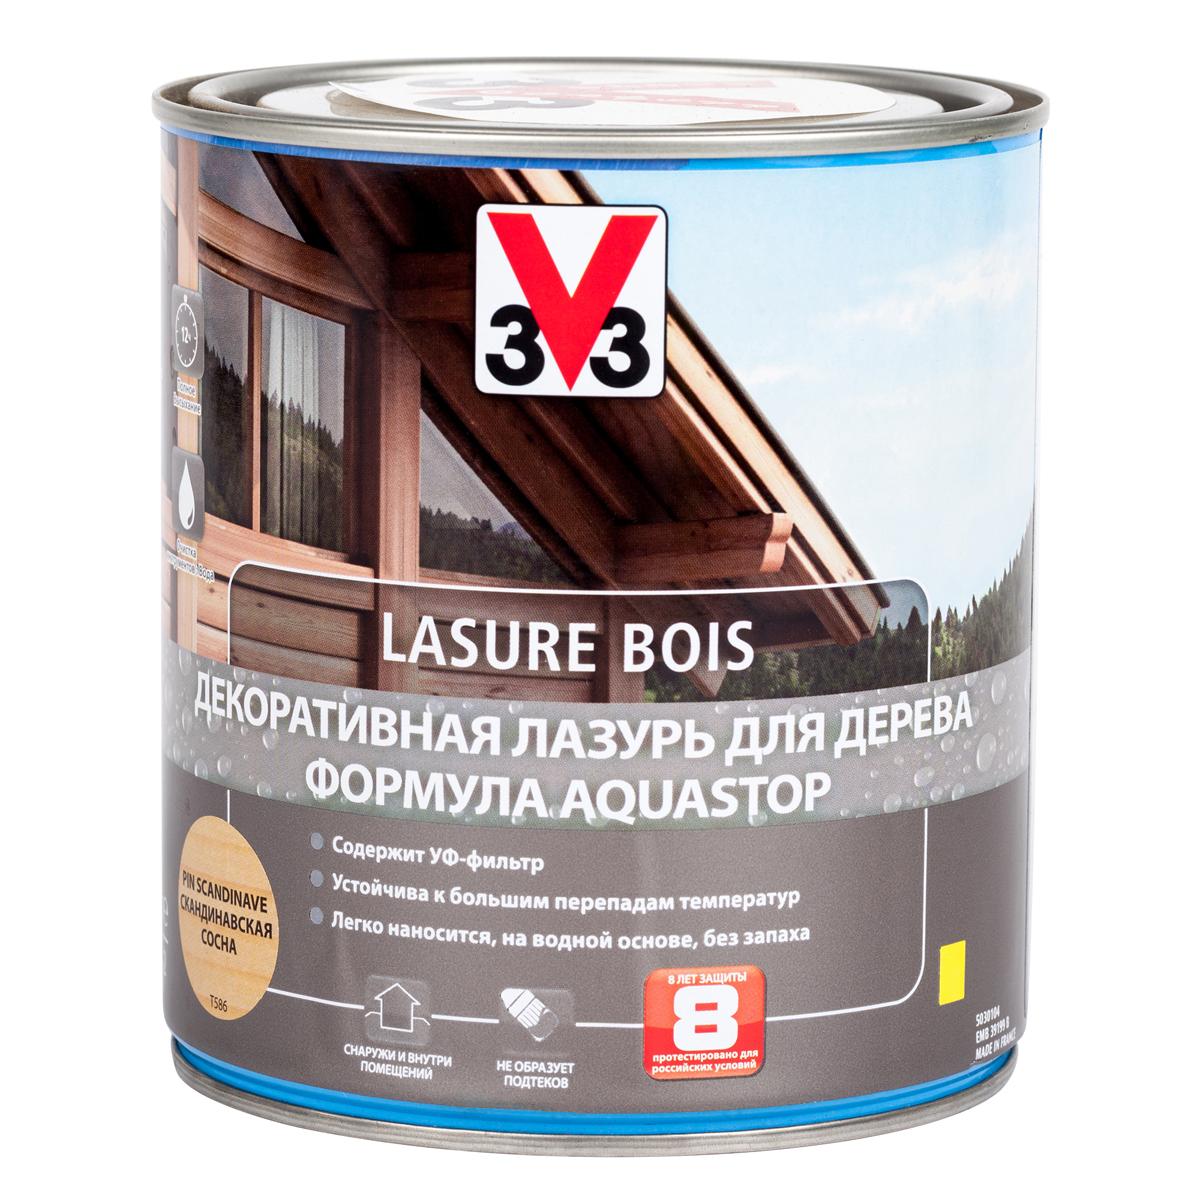 """Лазурь для дерева декоративная V33 """"Aquastop"""", цвет: скандинавская сосна, на водной основе, 750 мл 107825"""